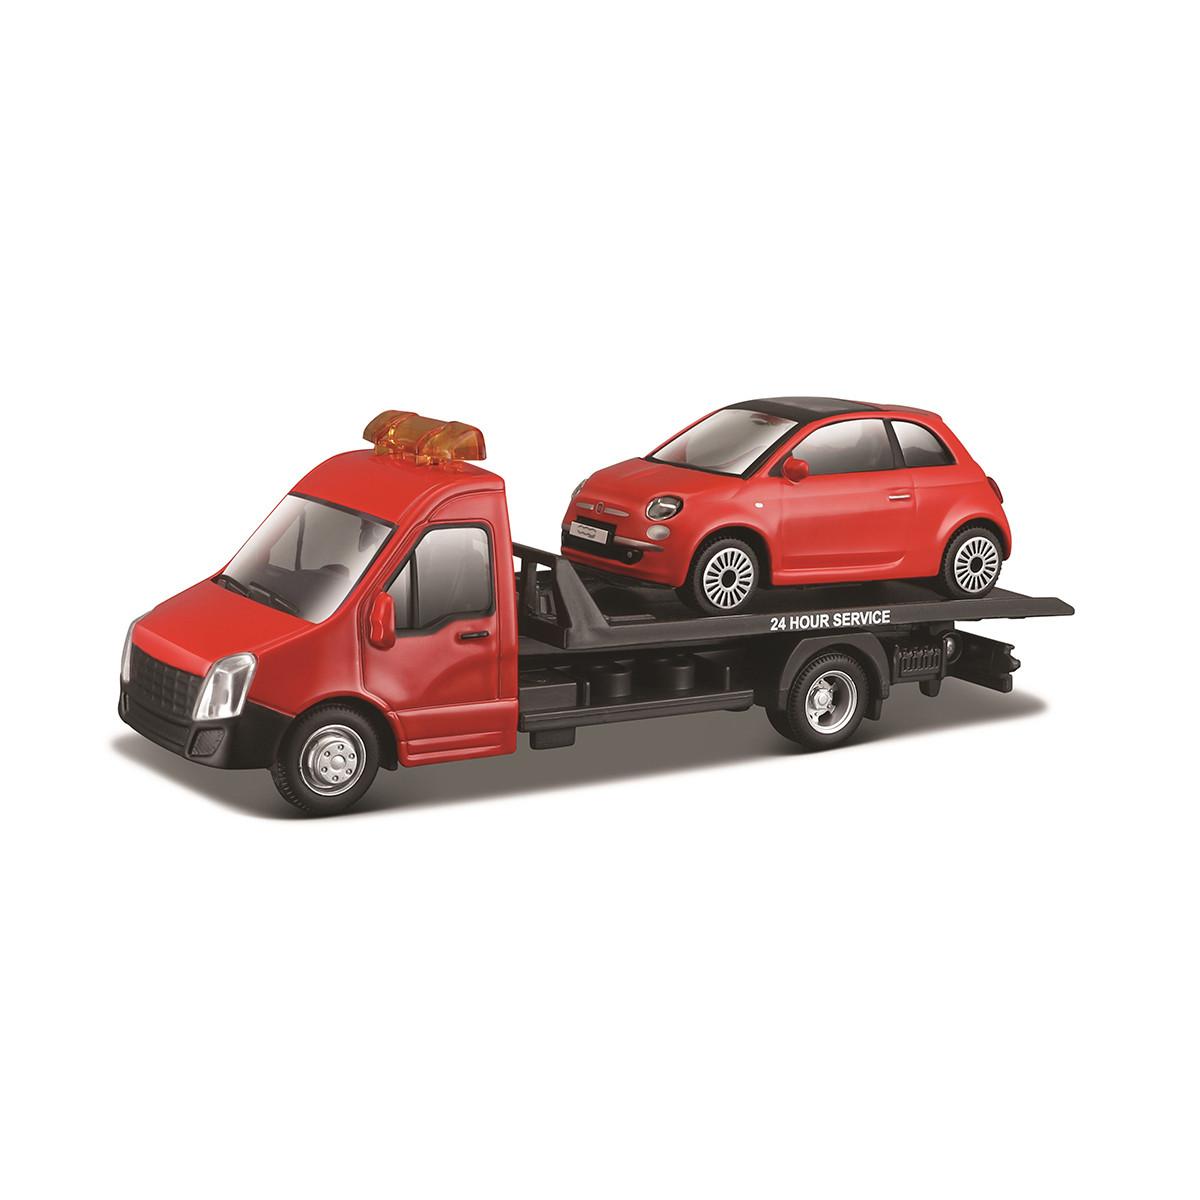 Bburago Игровой набор Автоперевозчик с автомоделью Fiat, 18-31402